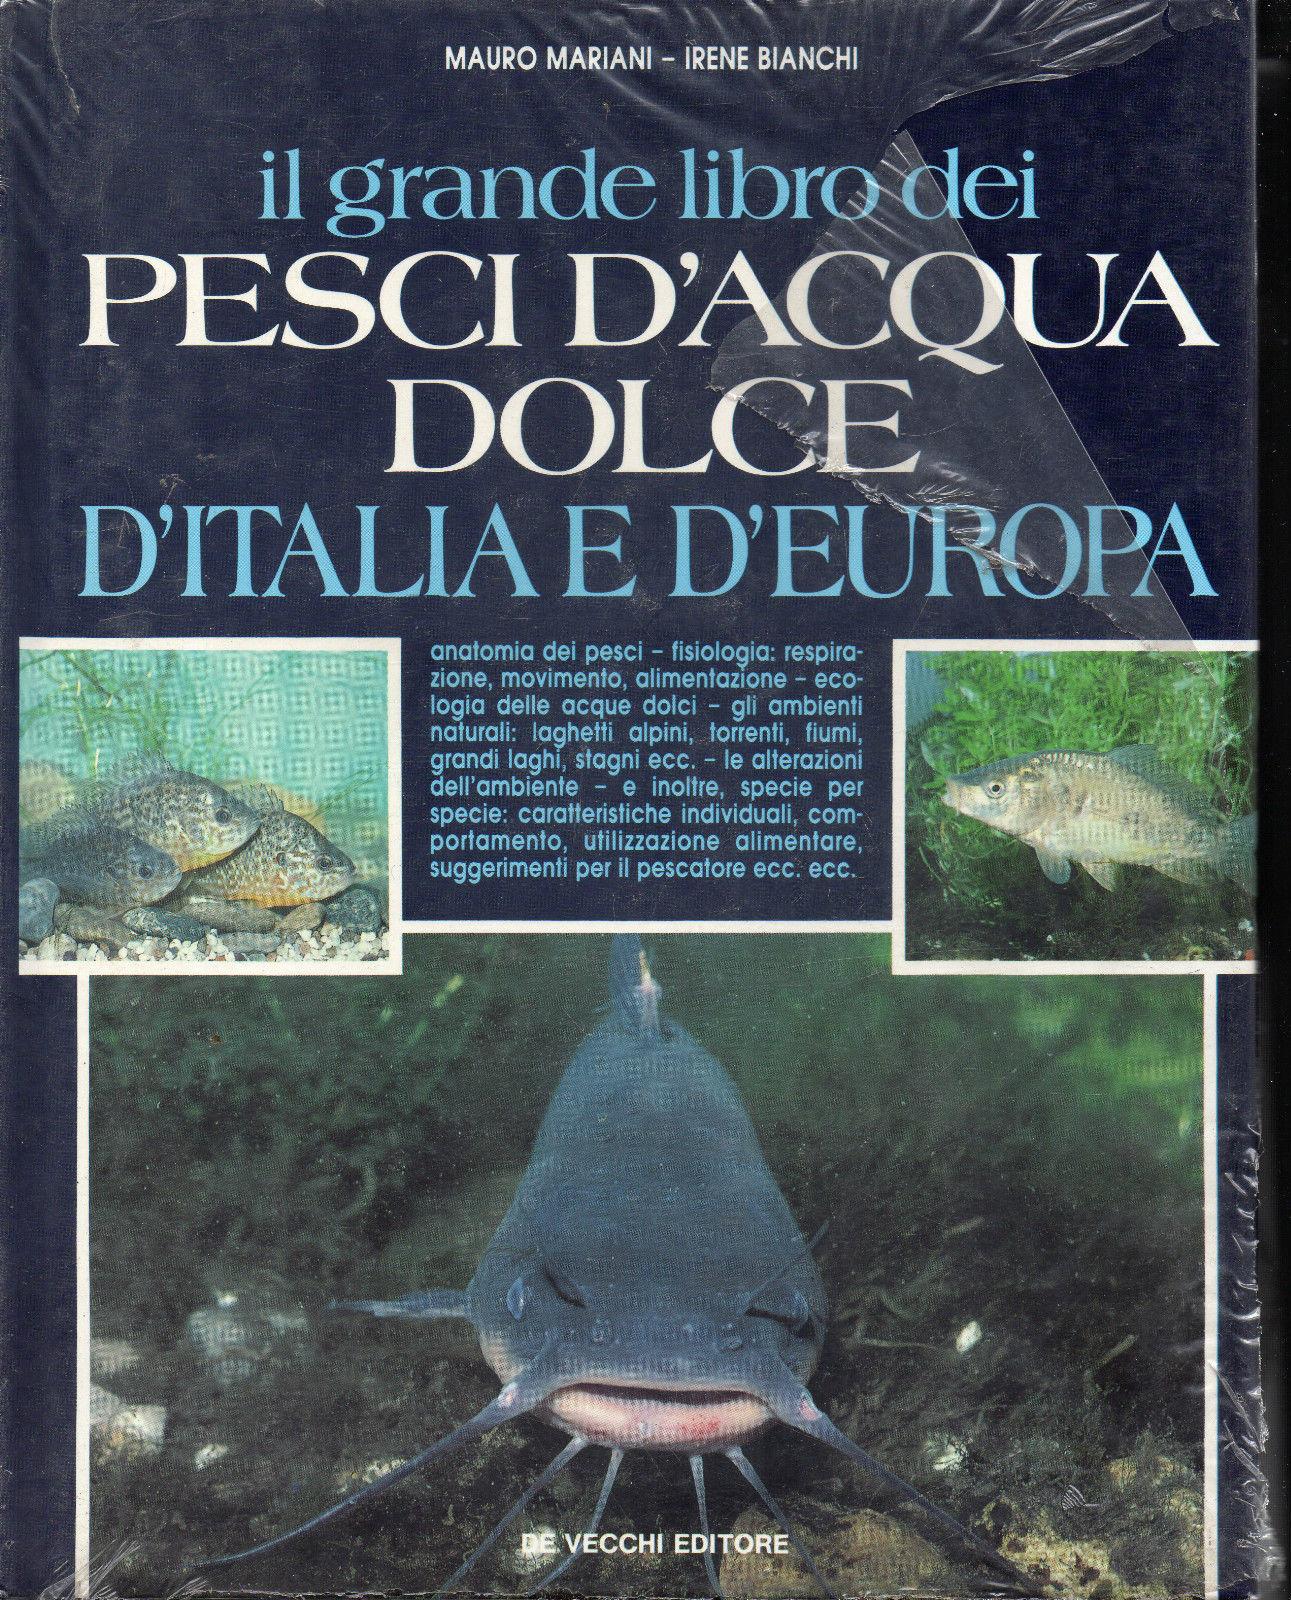 Pesca acque dolci il grande libro dei pesci d 39 acqua dolce for Pesci acqua dolce